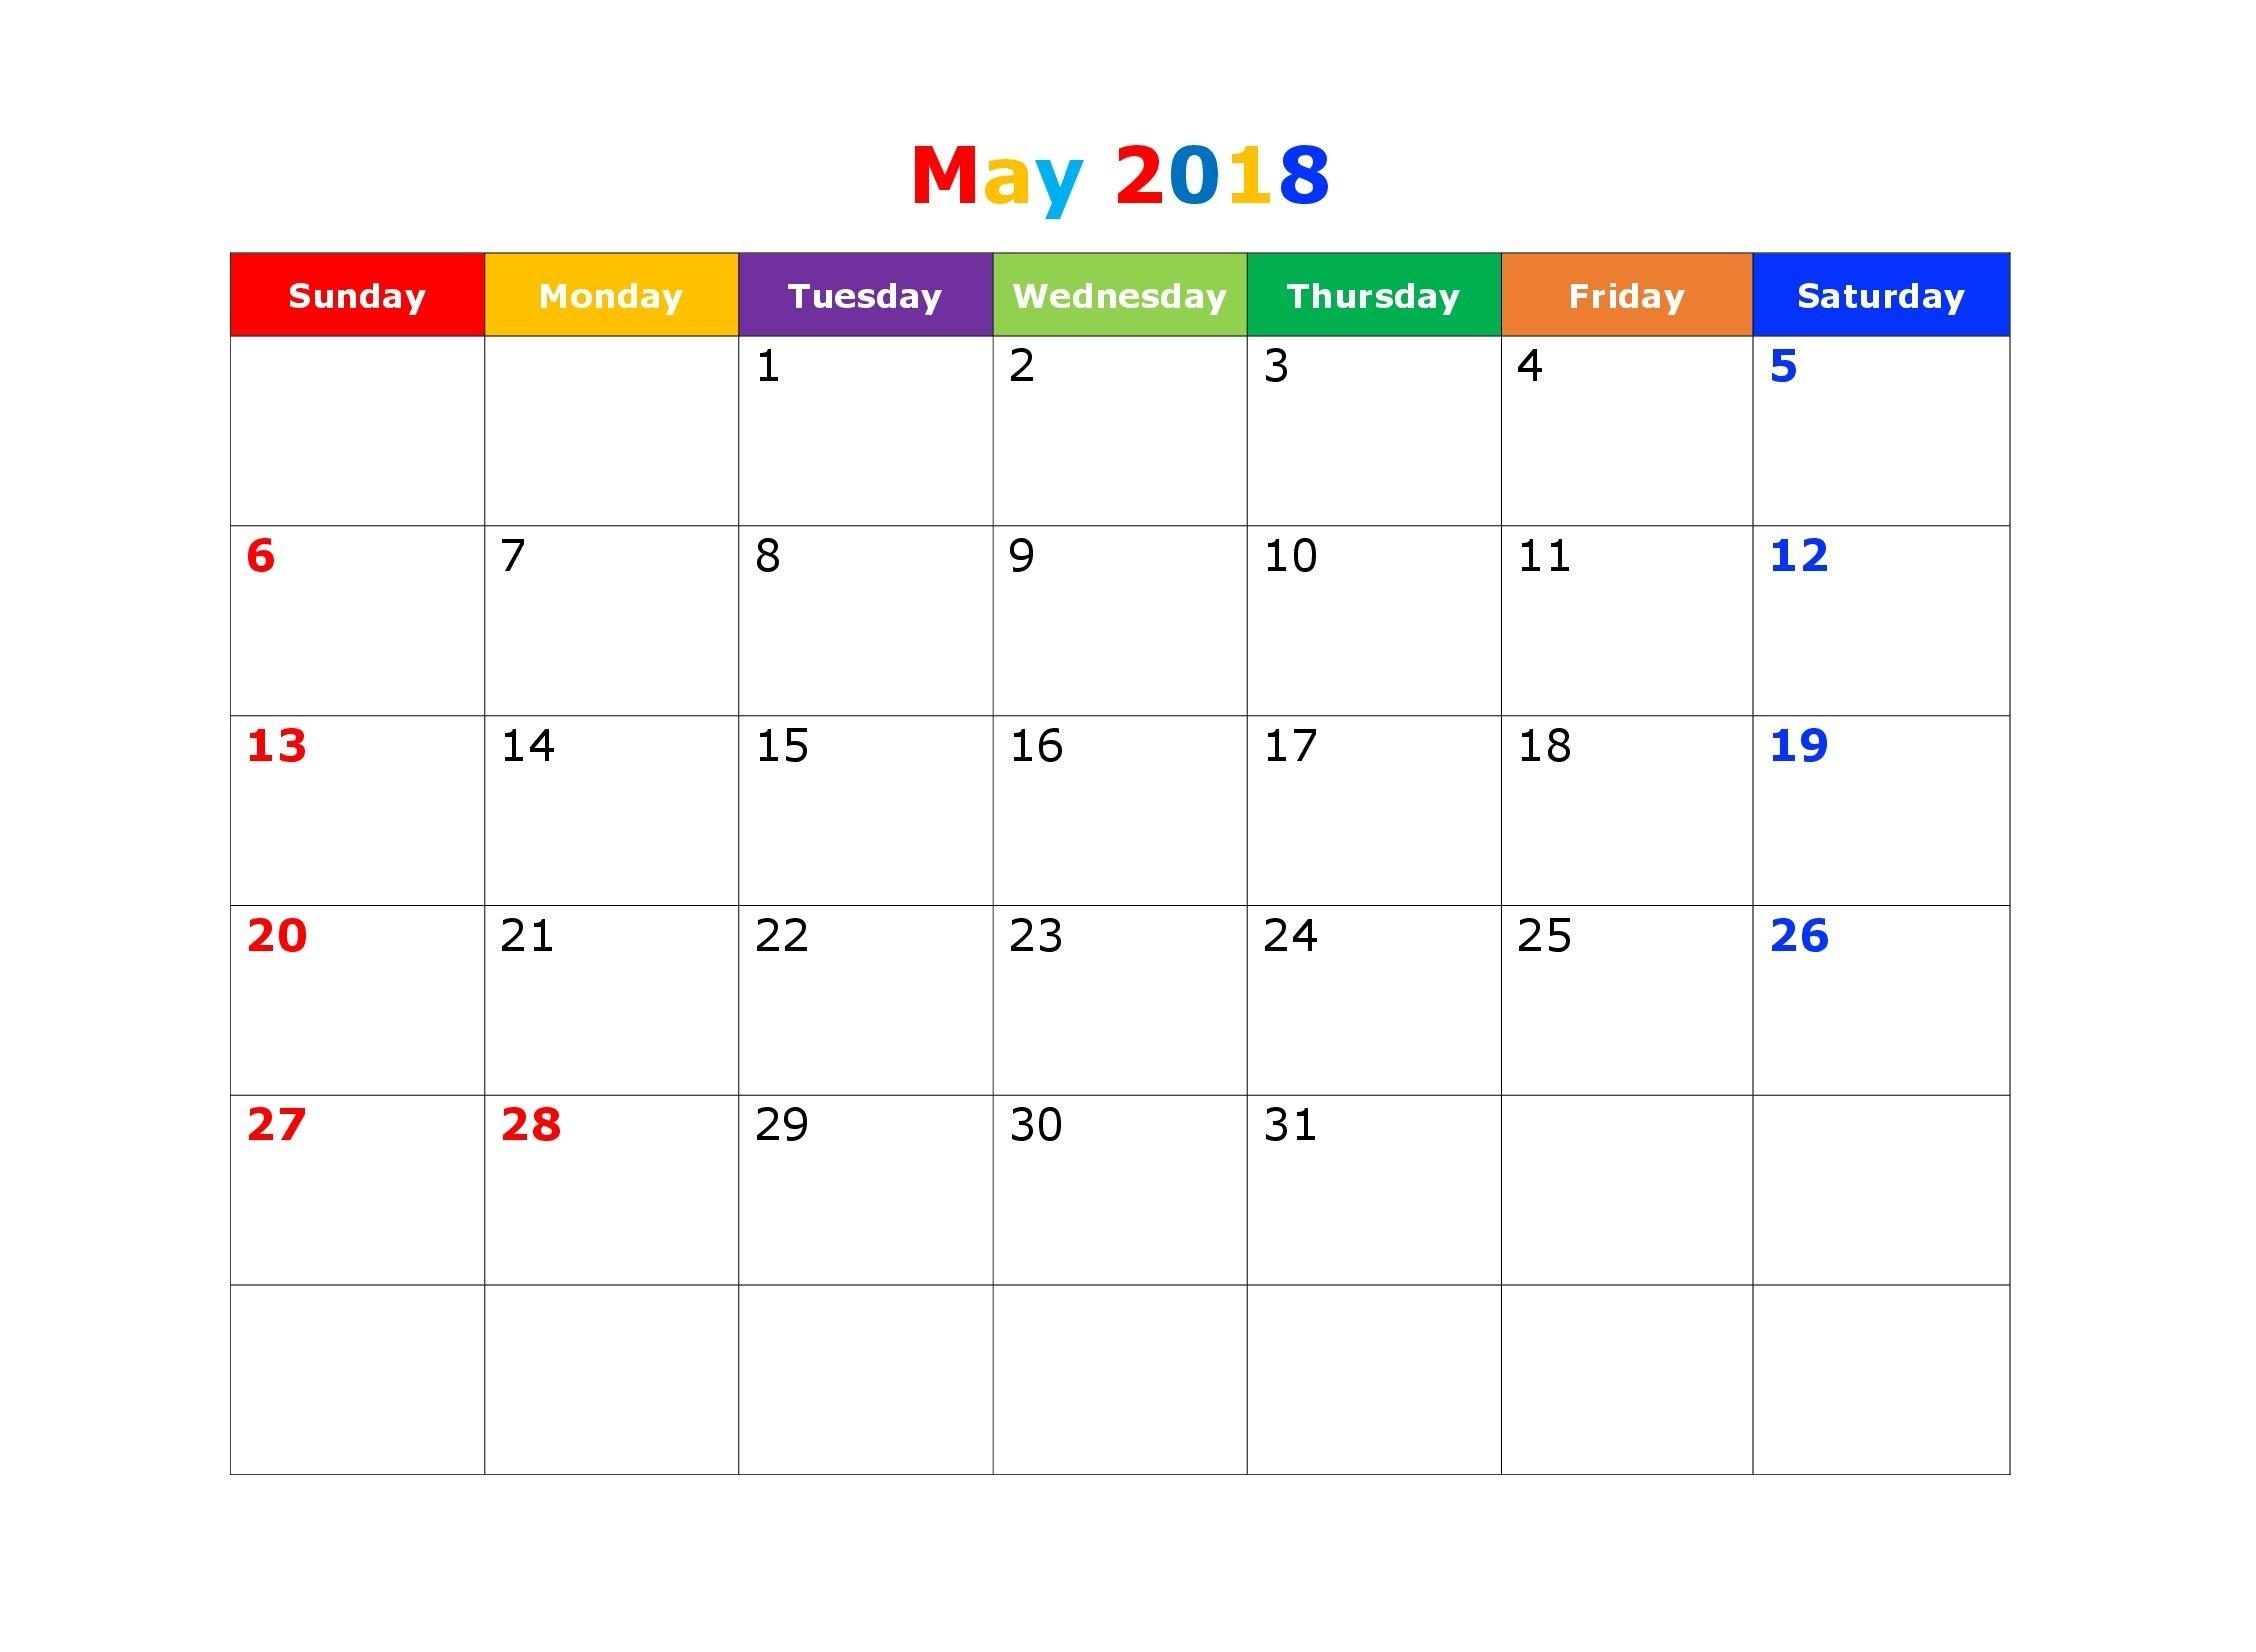 may 2018 calendar pdf, 2018 may calendar